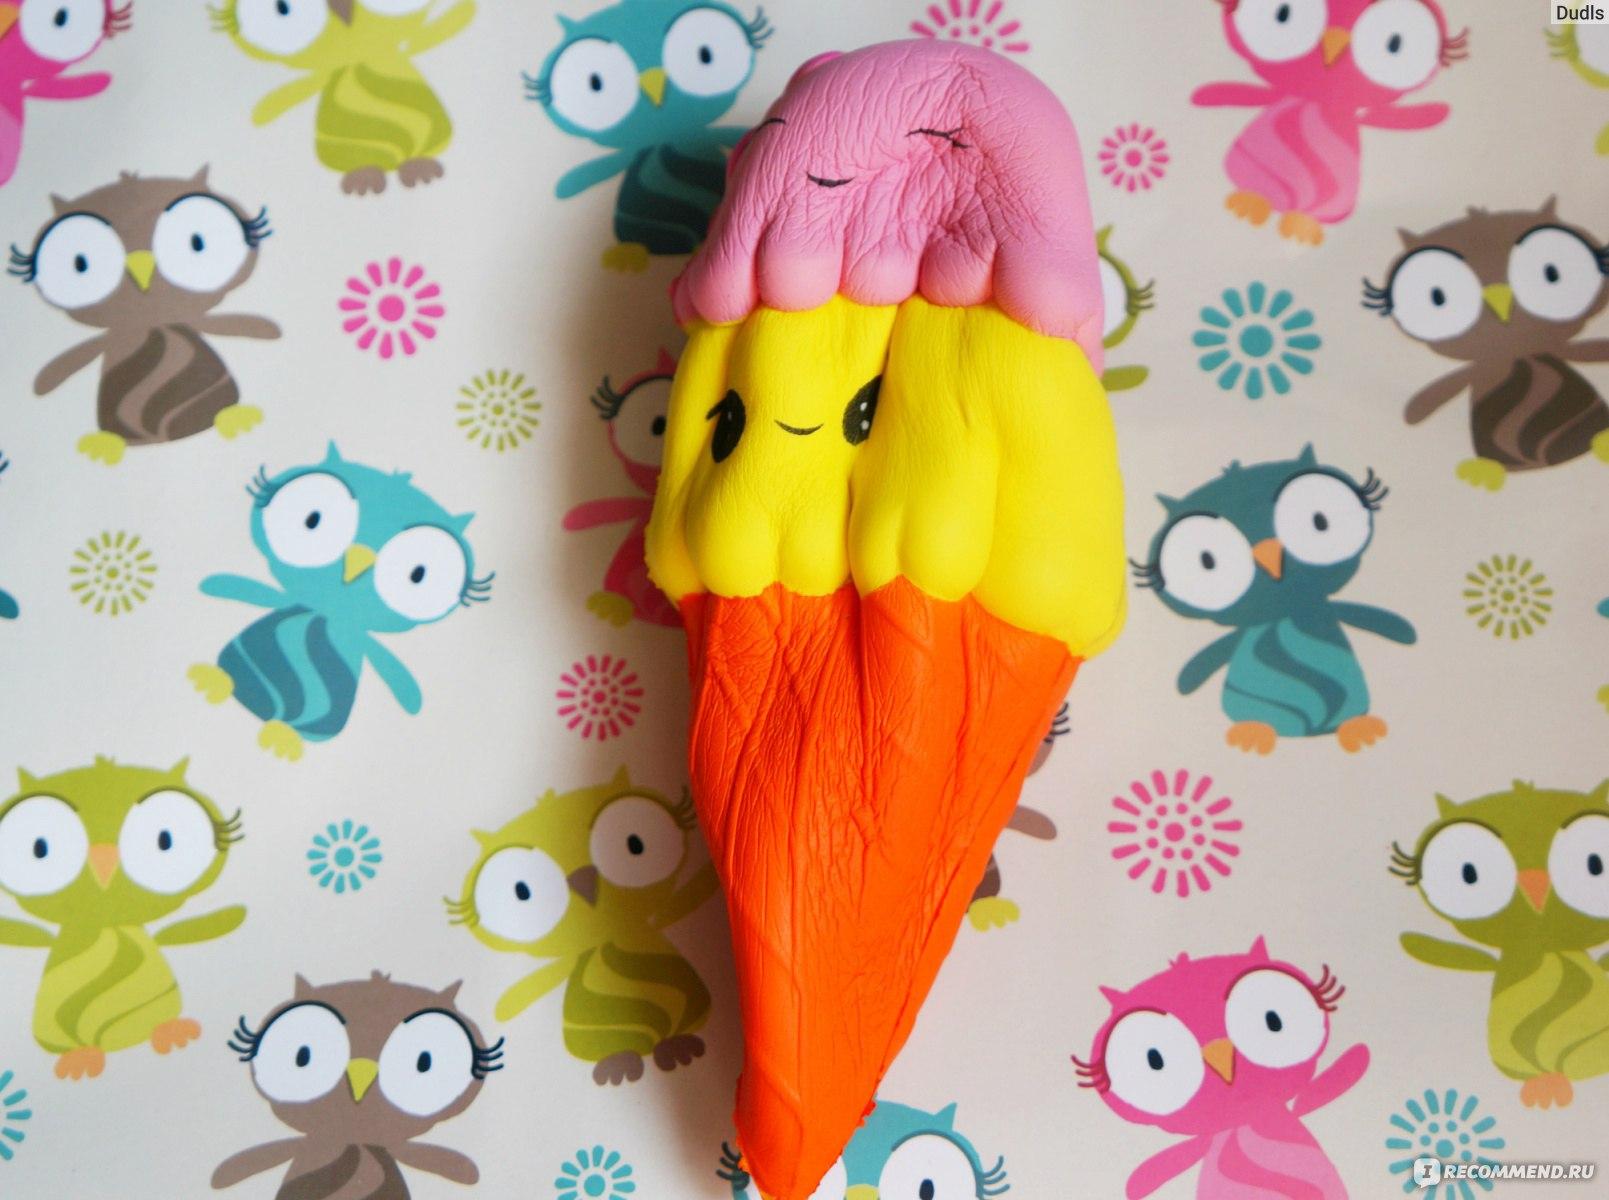 Сквиши — что это, для чего используется и почему все дети без ума от этой игрушки